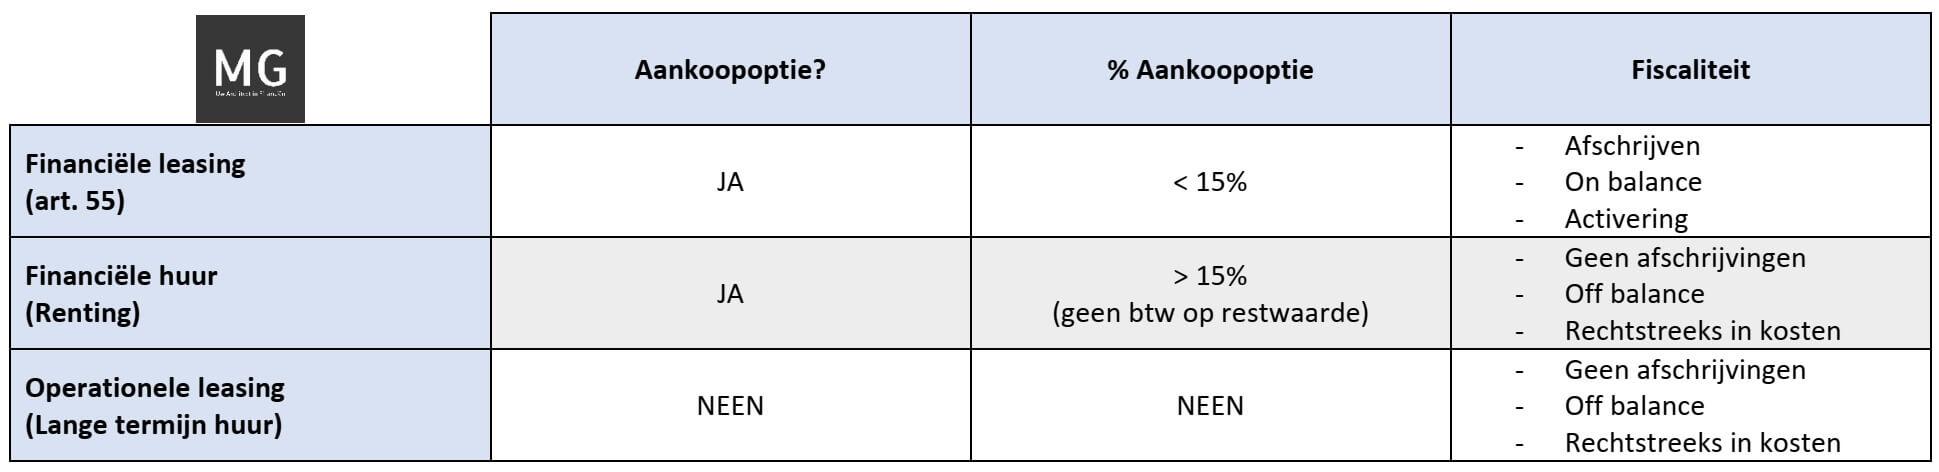 leasing, private, lease, renting, krediet, lening, kredietmakelaar, Van Breda, Baloise, AG, Belfius